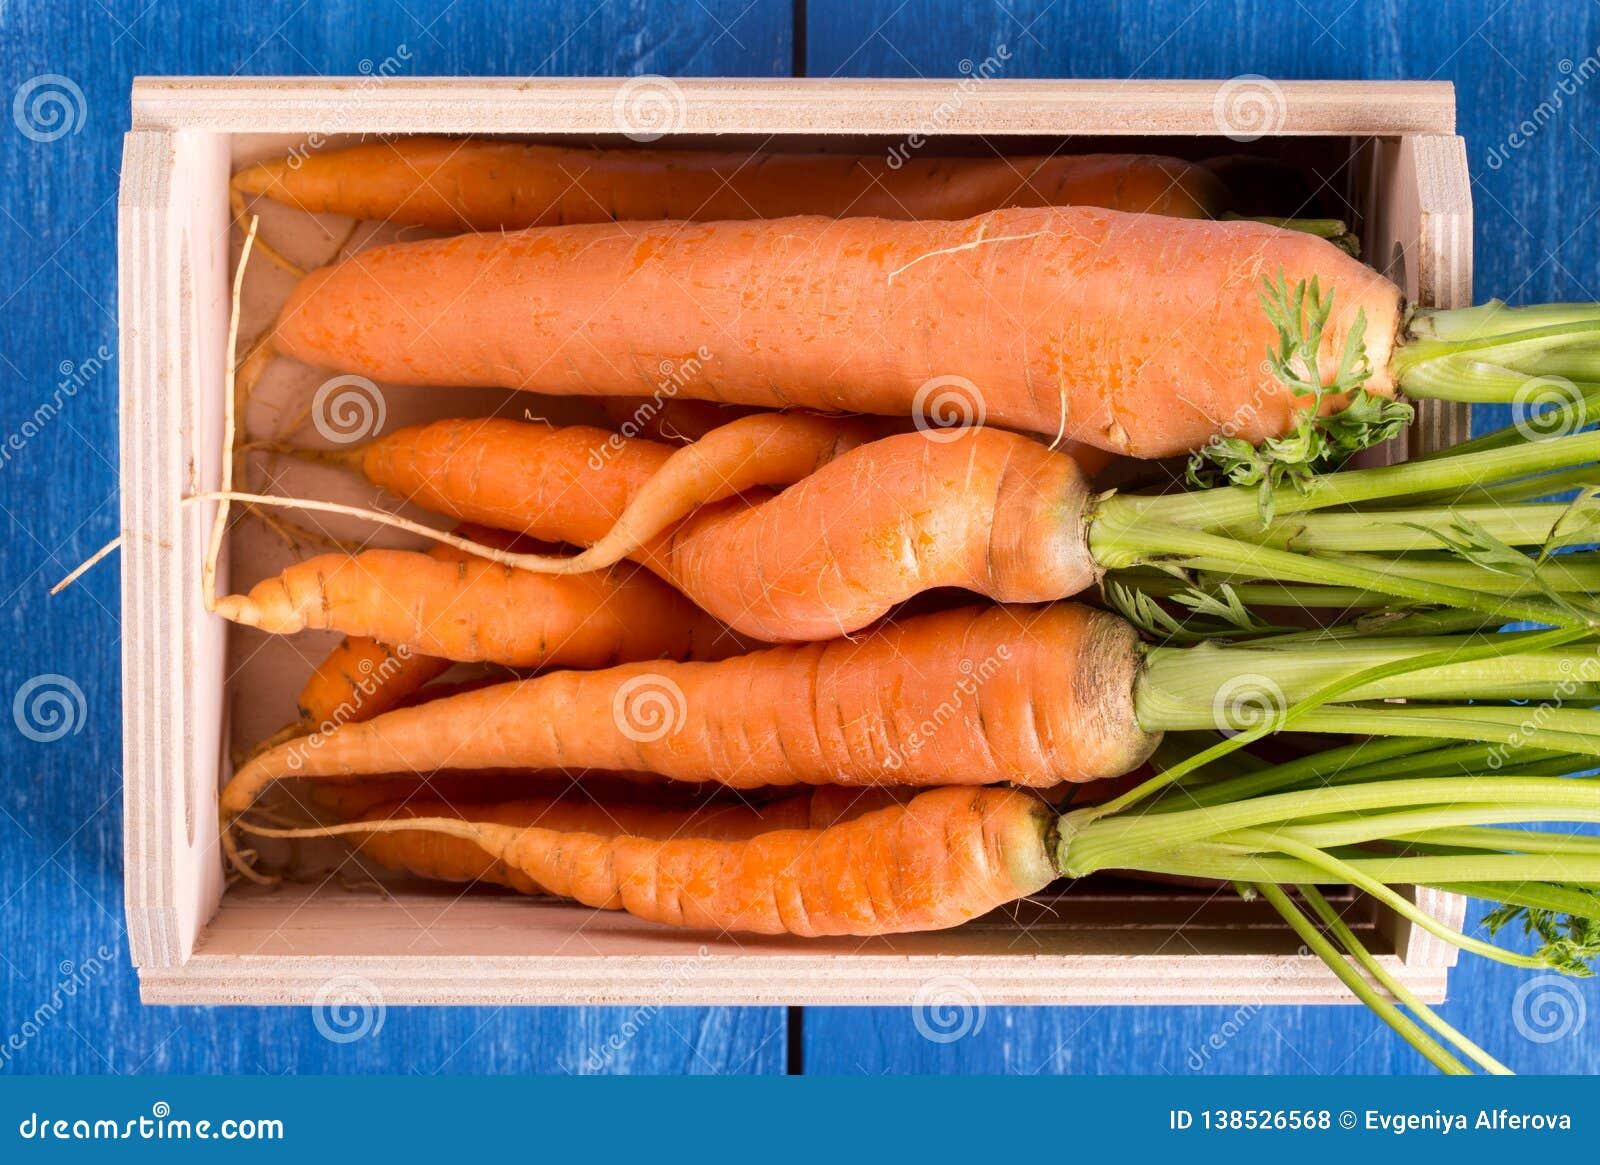 一束新鲜的红萝卜